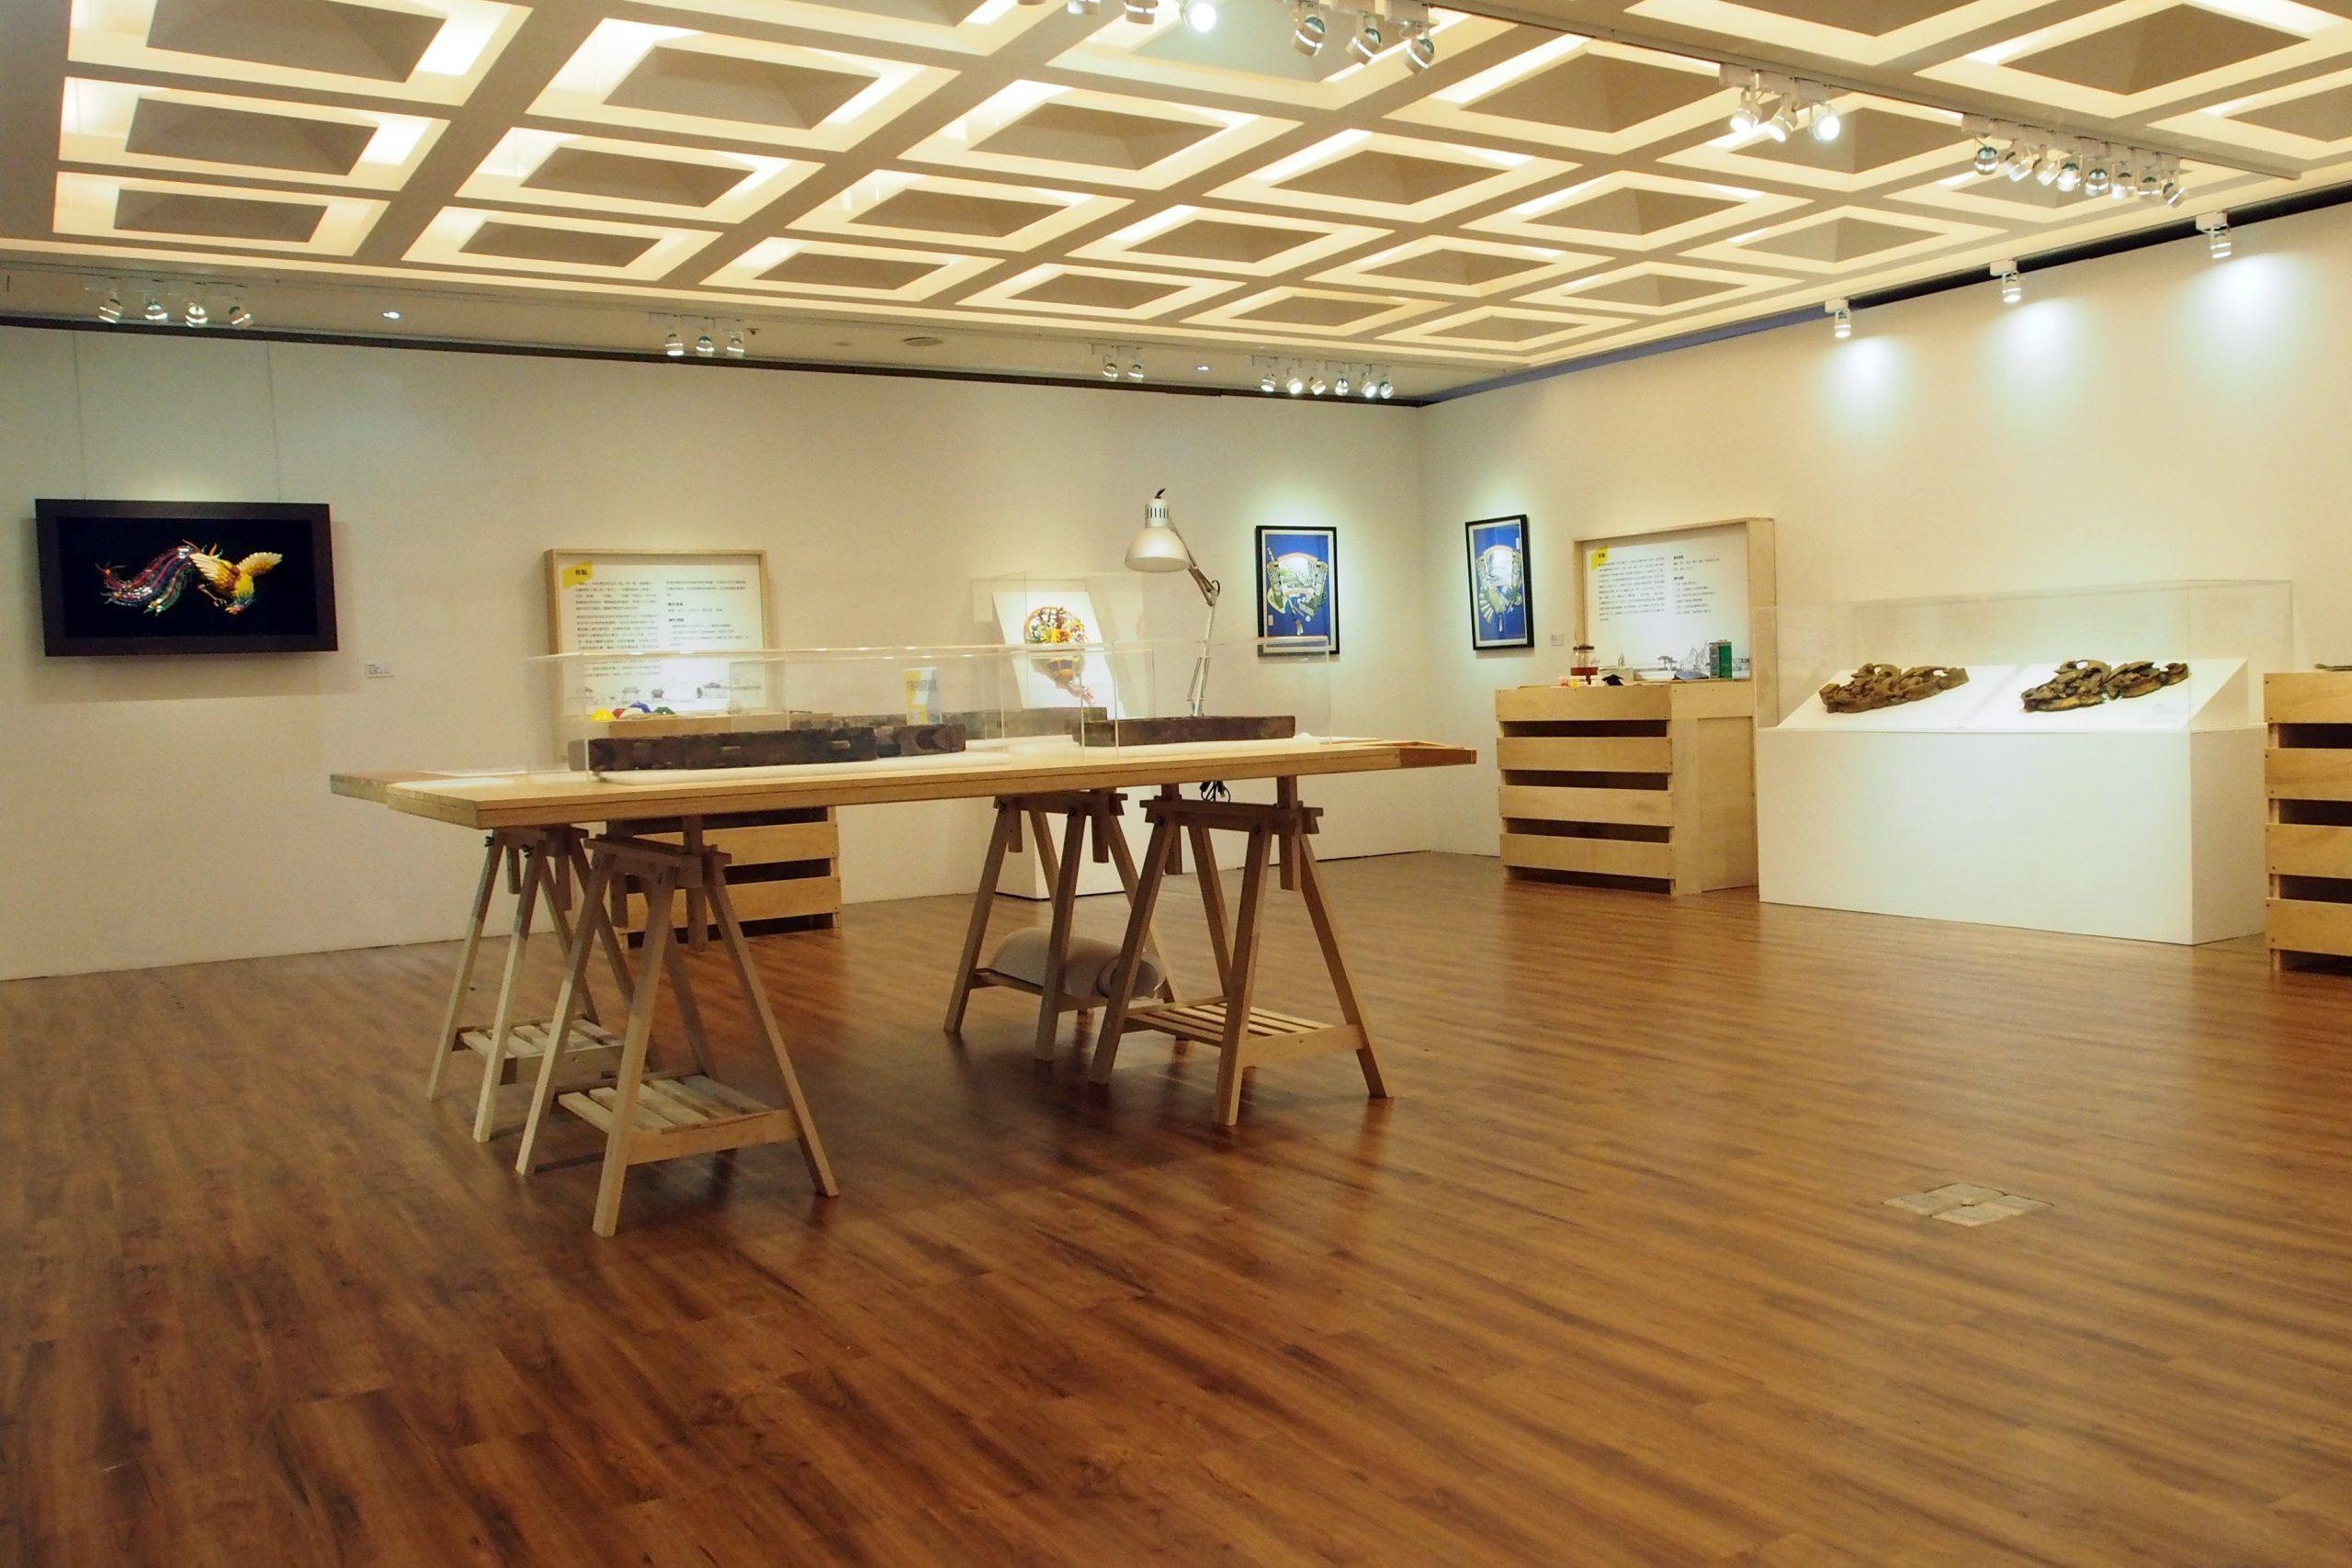 【110年新板藝廊新秀展演申請計畫|即日起至4/30】